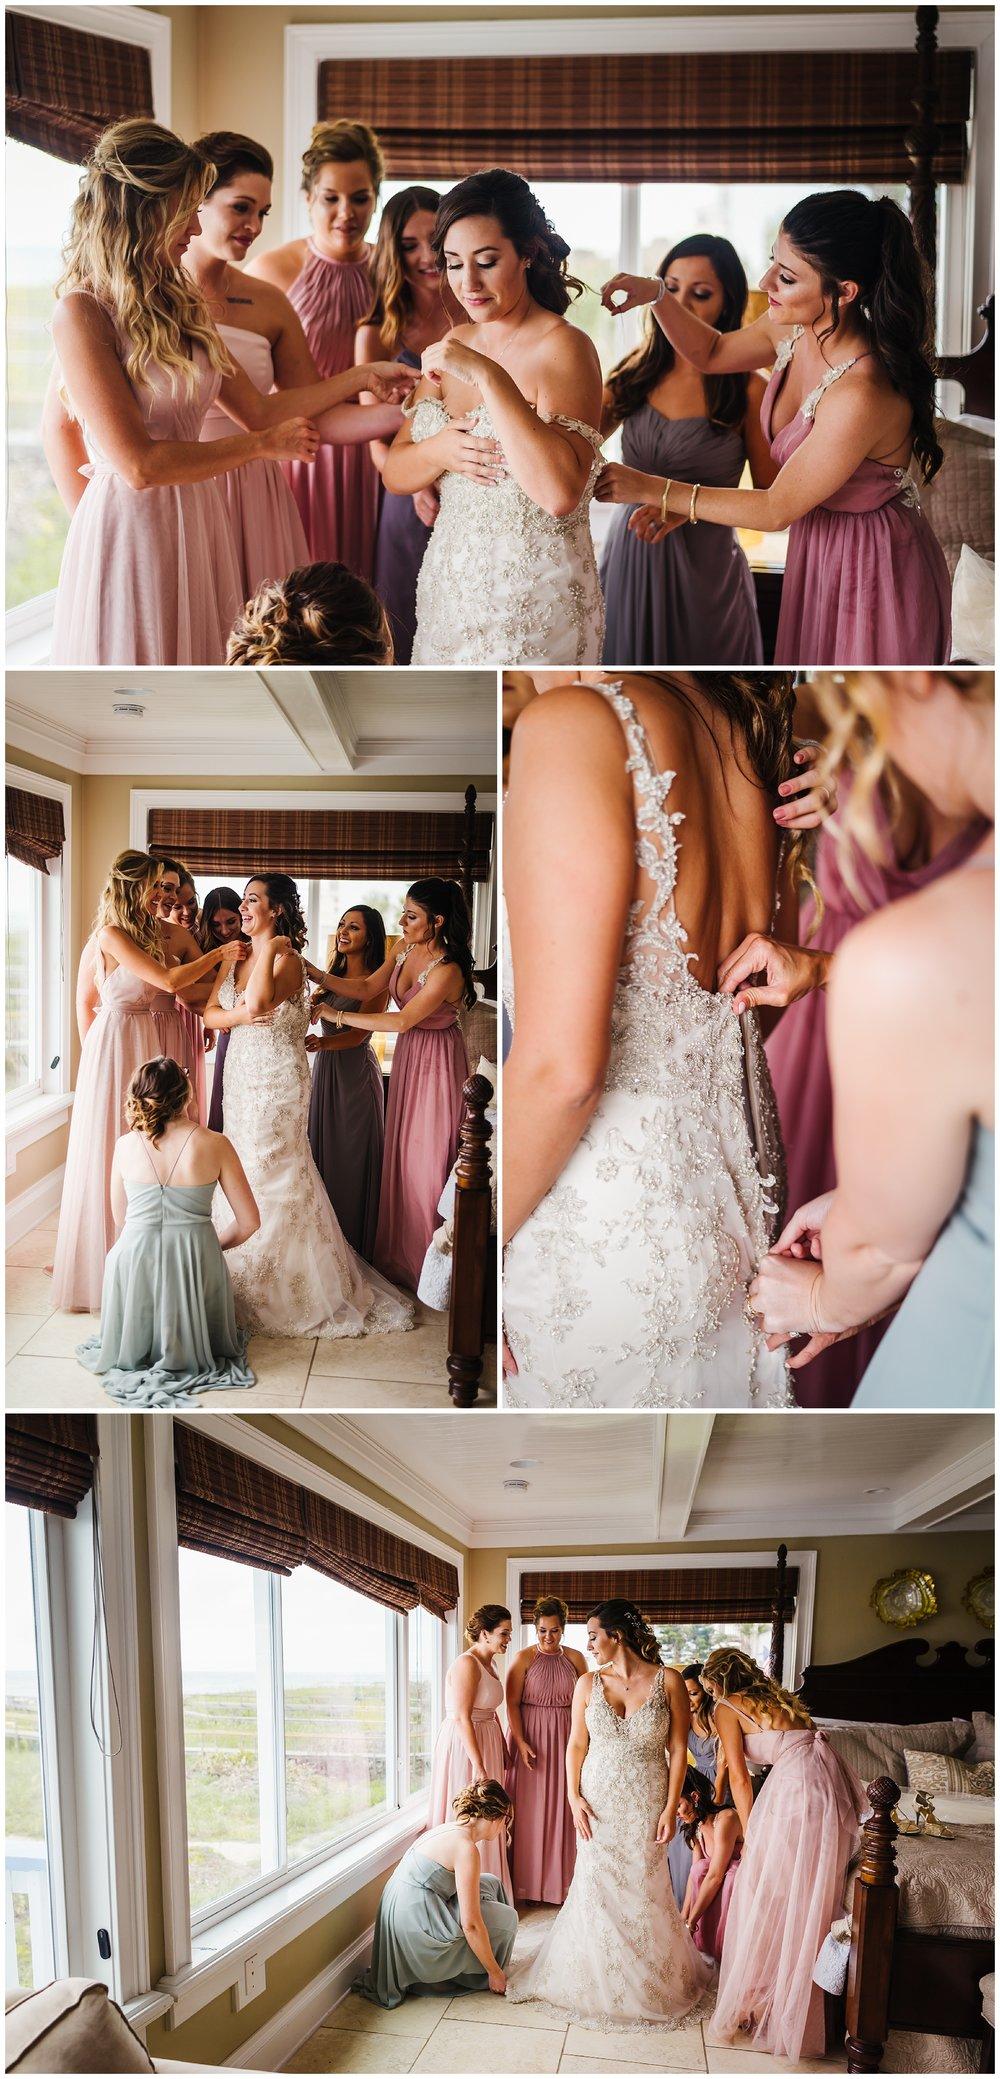 st-augustine-destination-wedding-photographer-white-room-villa-blanca-flagler-first-look_0005.jpg